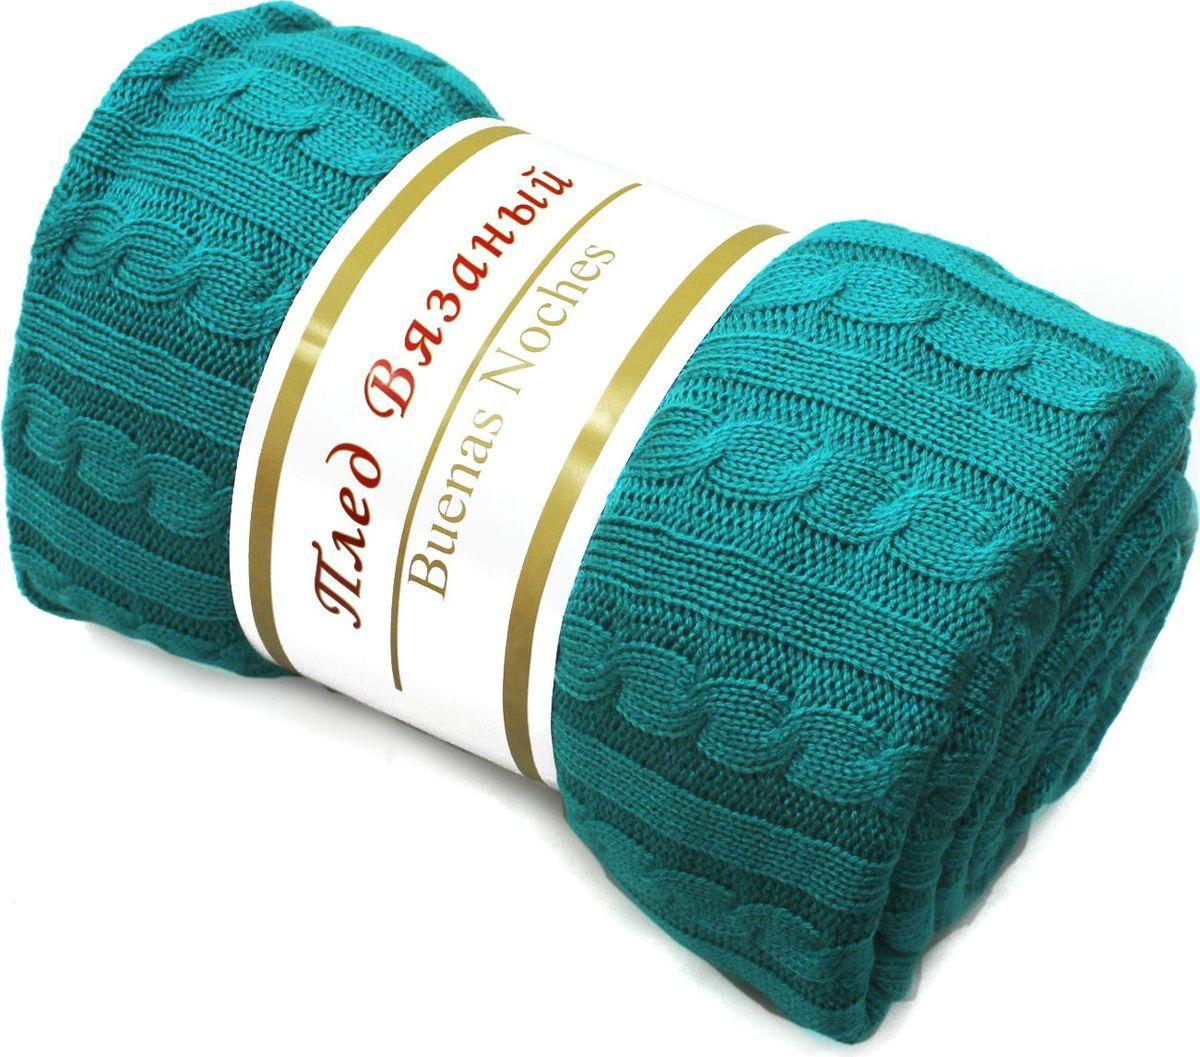 """Вязаный плед """"Buenas Noches"""" - идеальное решение для вашего интерьера. Вязаные пледы -  мягкие, легкие, теплые. Плед изготовлен из 100% акрила - современного высококачественного  материала, который обладает замечательными свойствами. Изделия из акрила прекрасно  сохраняют форму, не деформируются, не мнутся, всегда выглядят аккуратно, сохраняют размер и  привлекательный внешний вид долгое время. Акрил идеален при использовании под открытым  небом, так как обладает свойством водоотталкивания и быстро высыхает. Материал  гипоаллергенный, безопасный, стойкий к воздействию живых организмов, волокнам не страшна  плесень.  Плед мягкий, приятный на ощупь, великолепный на вид, он обладает низкой теплопроводностью,  замечательно сохраняет тепло. Беспрецедентная стойкость и ровность красок позволит пледу  не выгореть на солнце и остаться первозданно ярким в течение продолжительного времени.   Рекомендации по уходу:  - Ручная стирка,  - Не отбеливать,  - Гладить при низкой температуре,  - Щадящий отжим и сушка."""